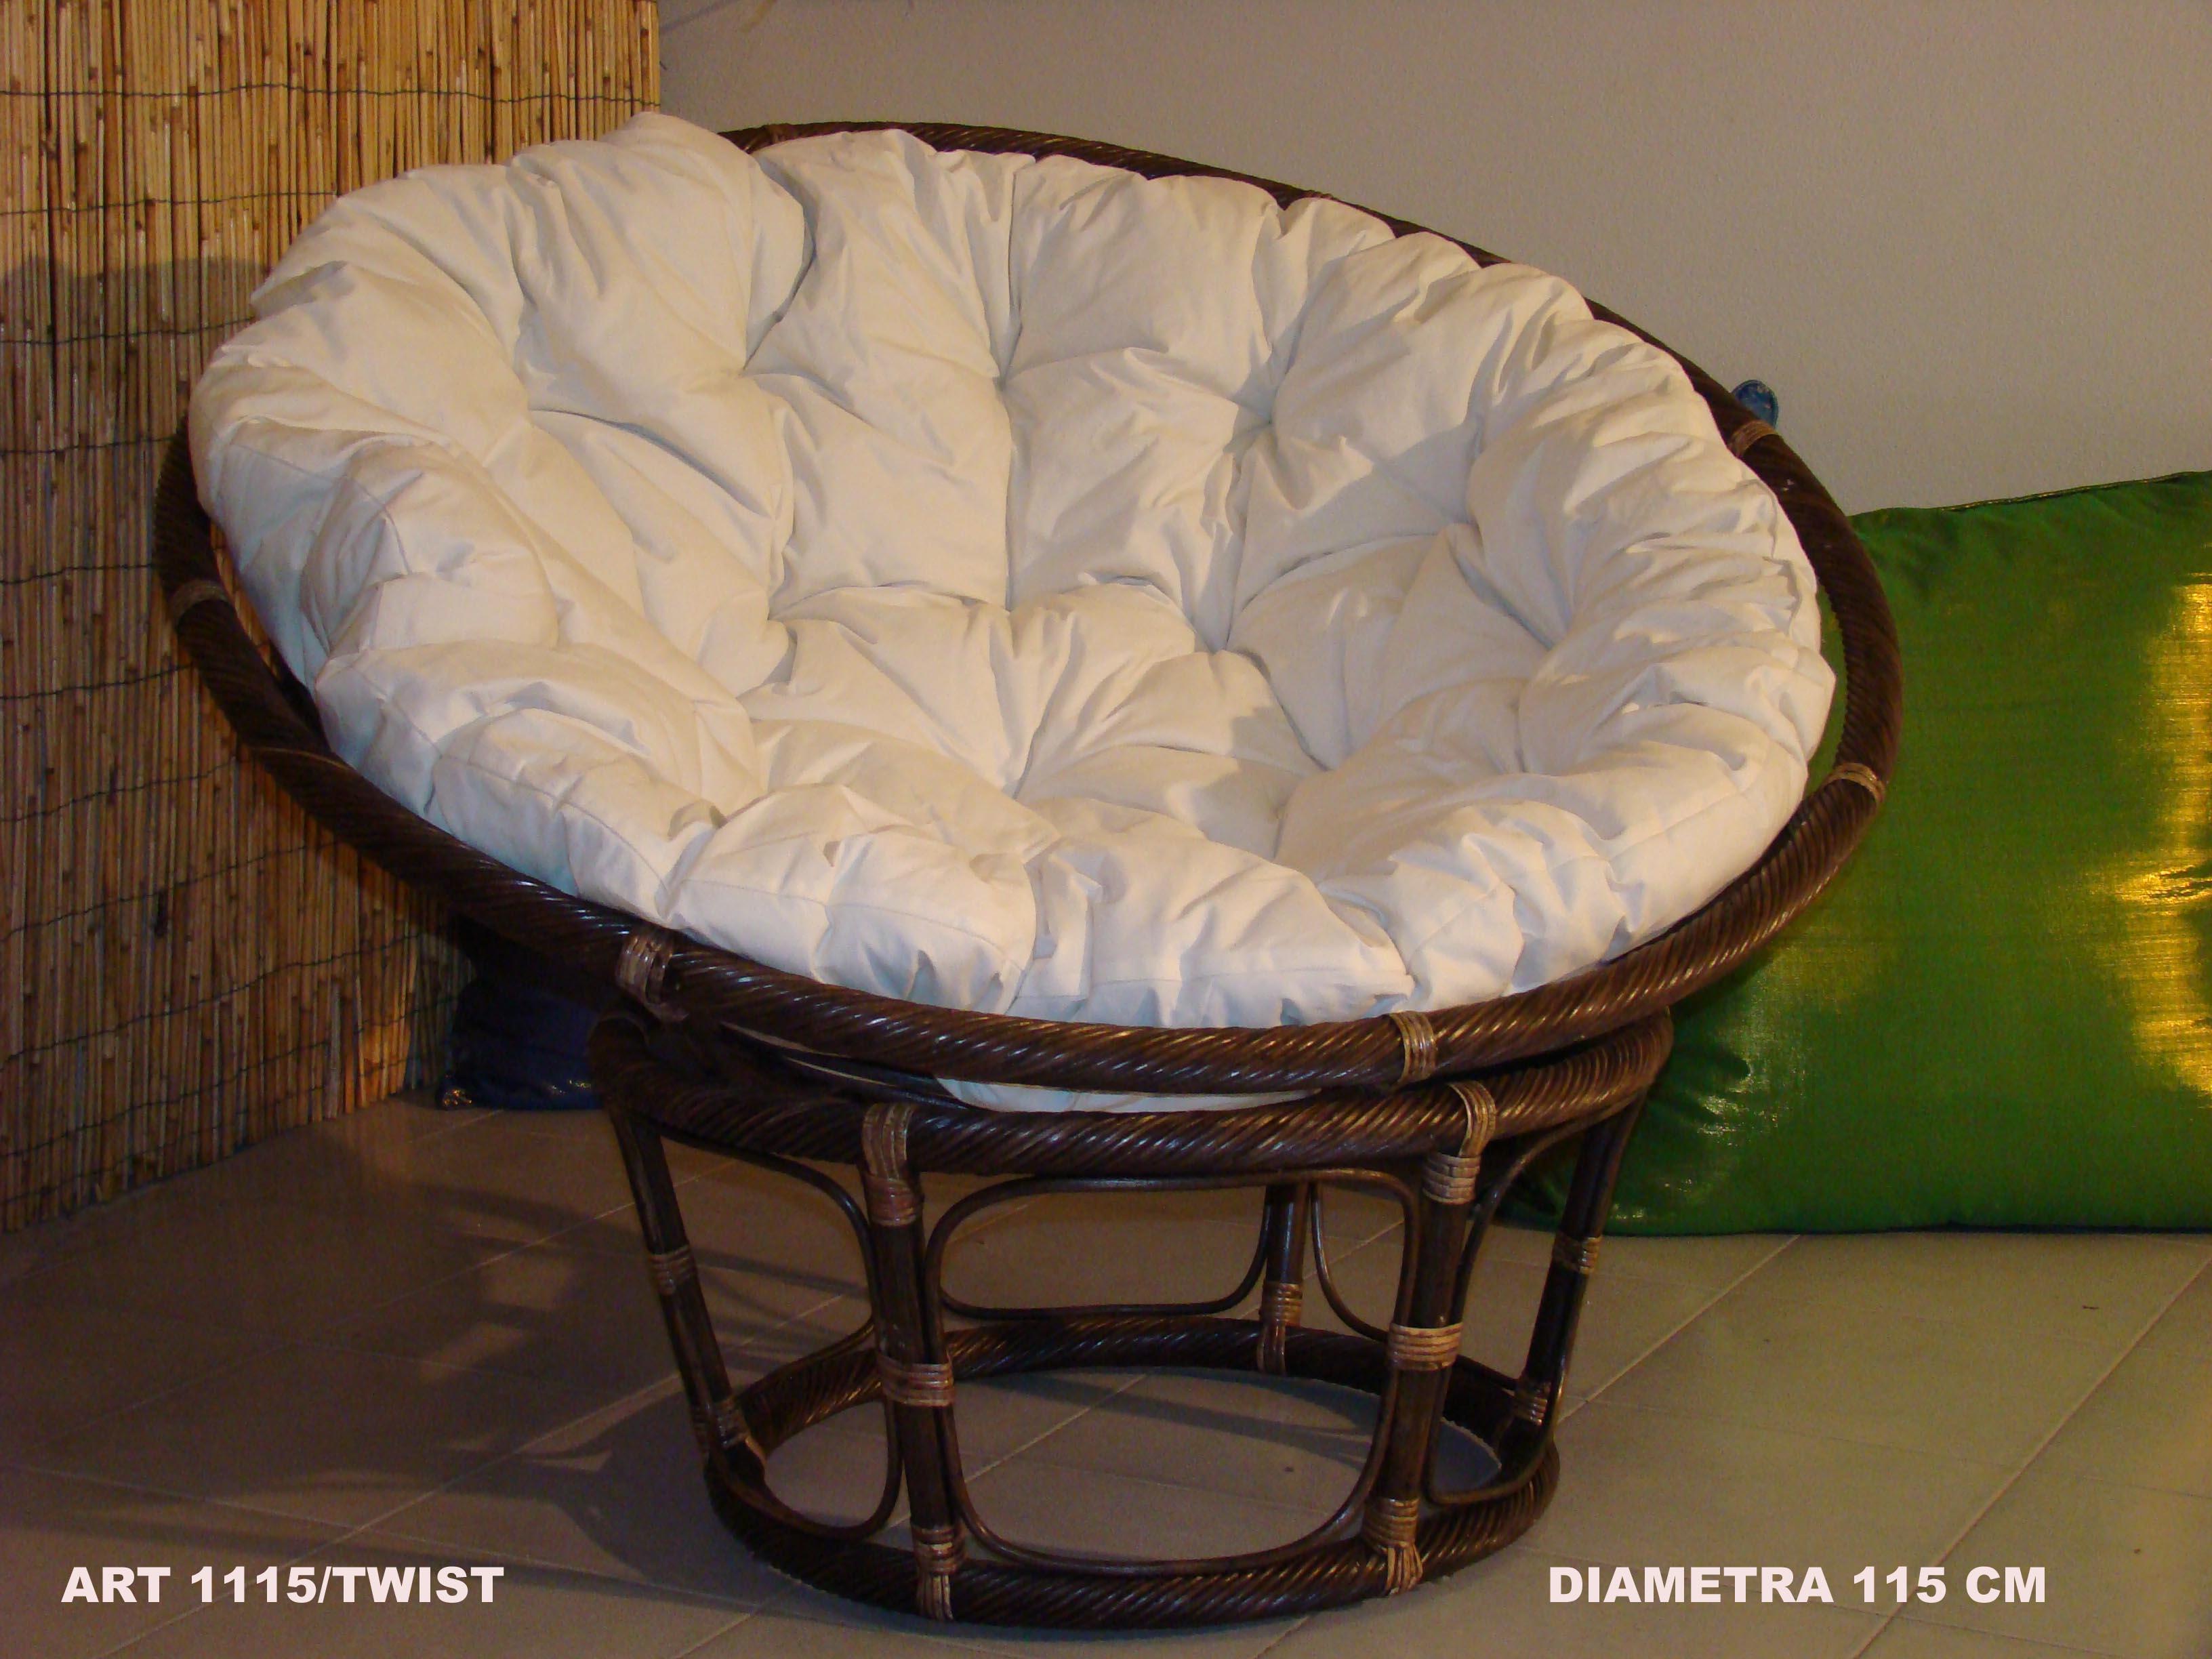 Arredamento poltrone sedie bamboo rattan giunco for Poltrone sedie